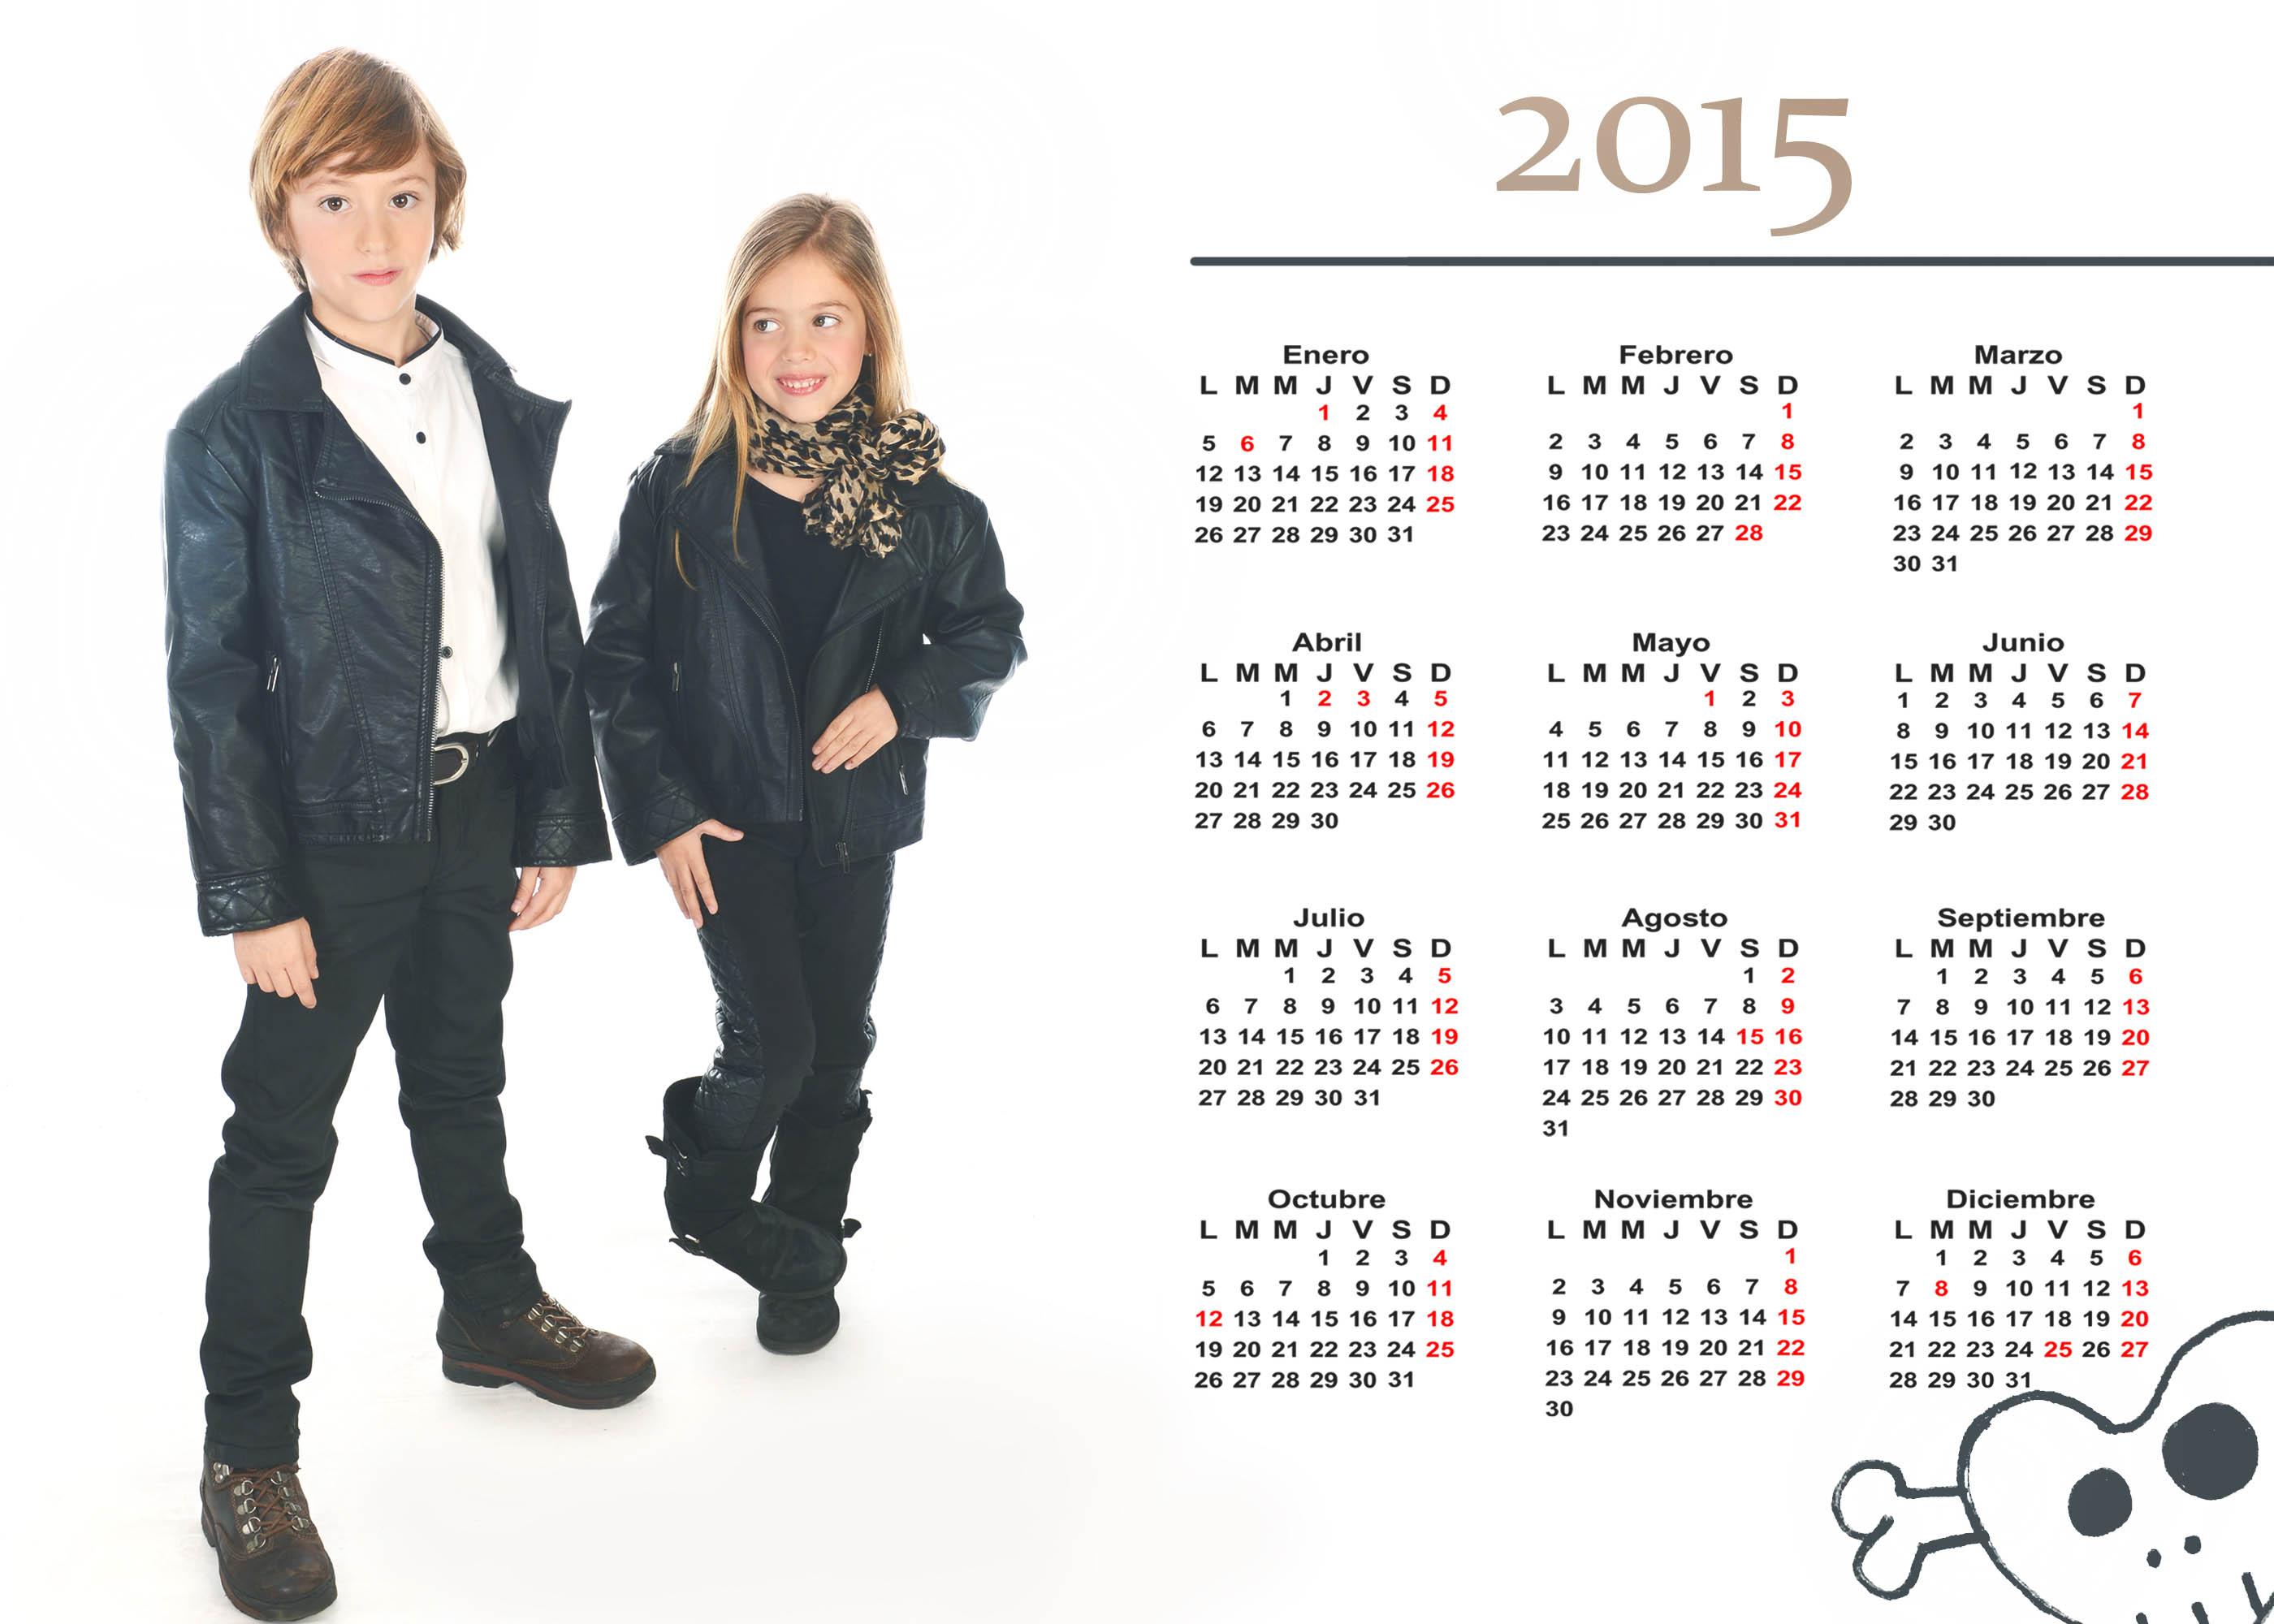 calendarios personalizados malaga